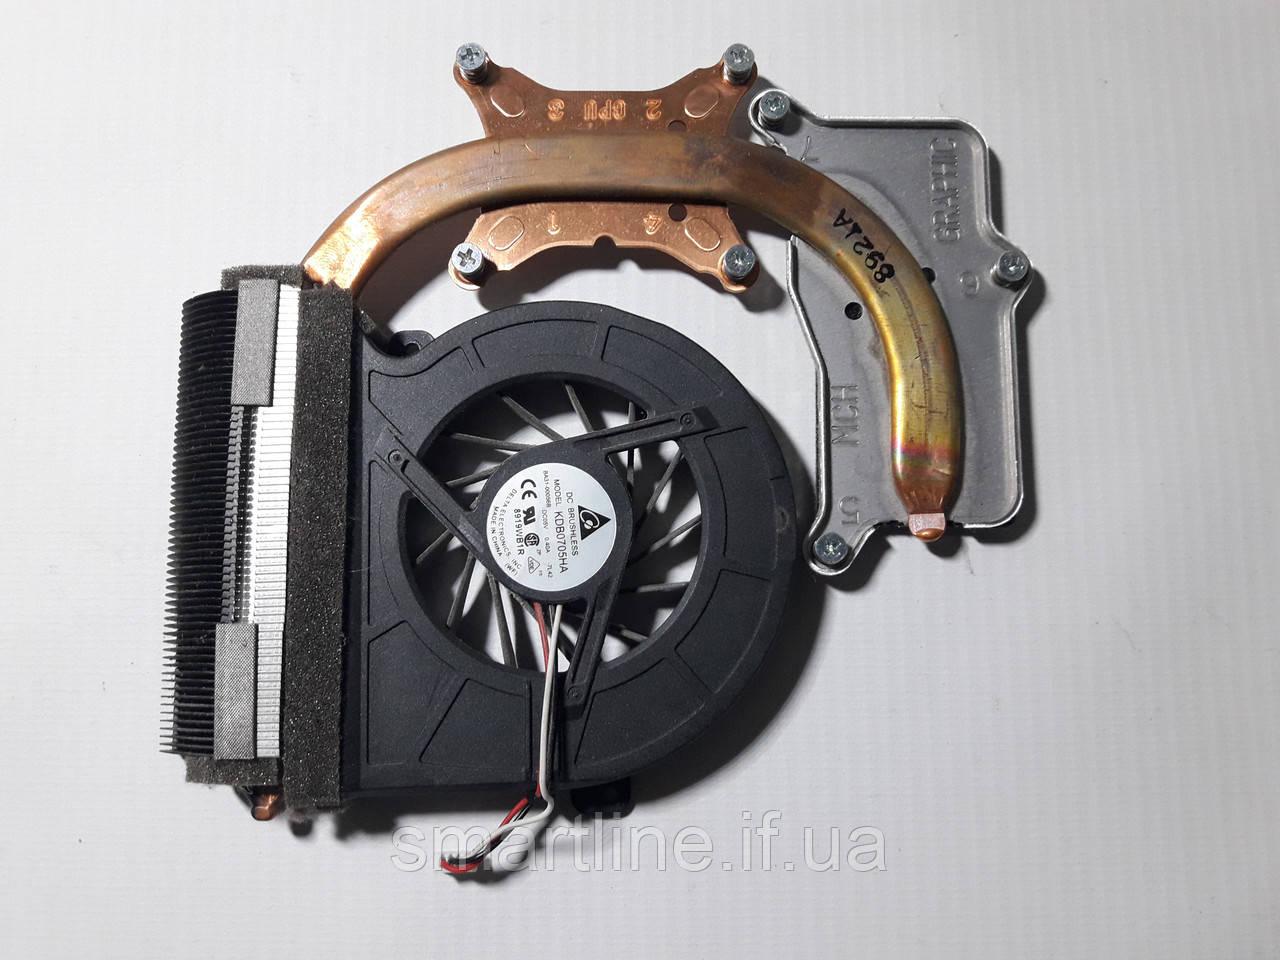 Вентилятор системи охолодження для ноутбука Samsung NP-SA11H, KDB0705H